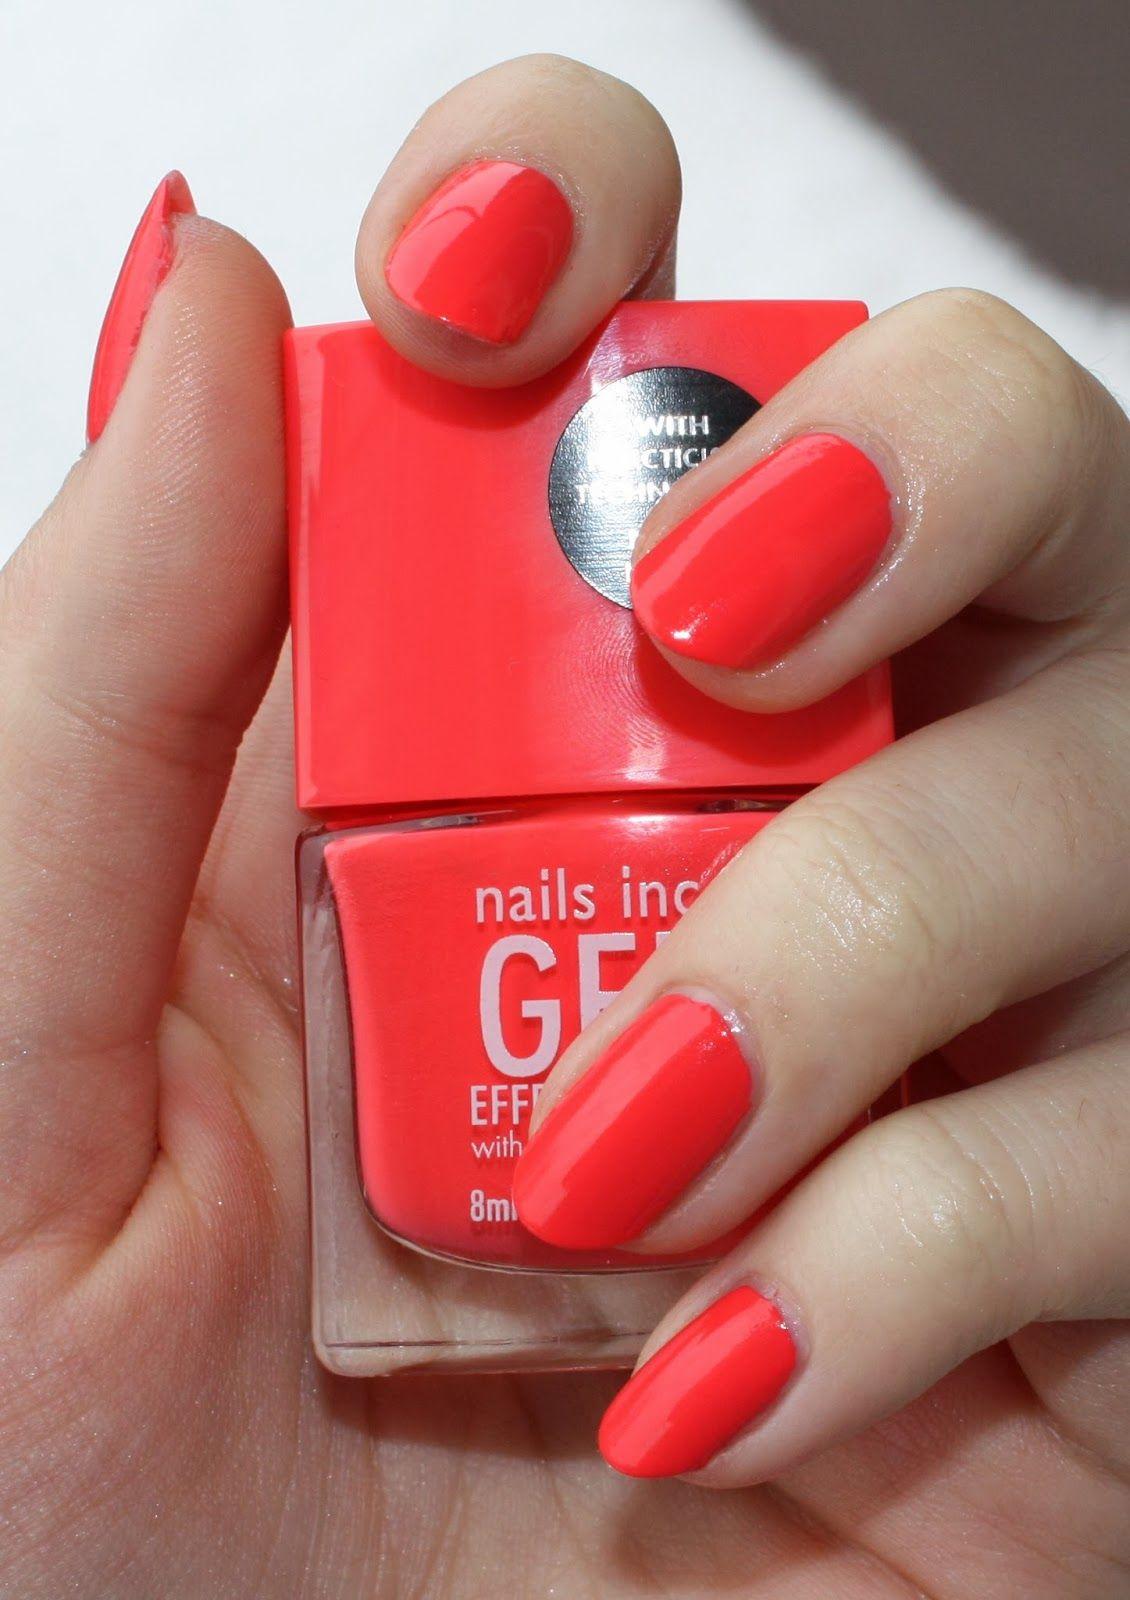 Nails inc gel nail colors and gel nail polish on pinterest - Nail Bar Nails Inc Gel Effect Polish In Kensington Passage Review